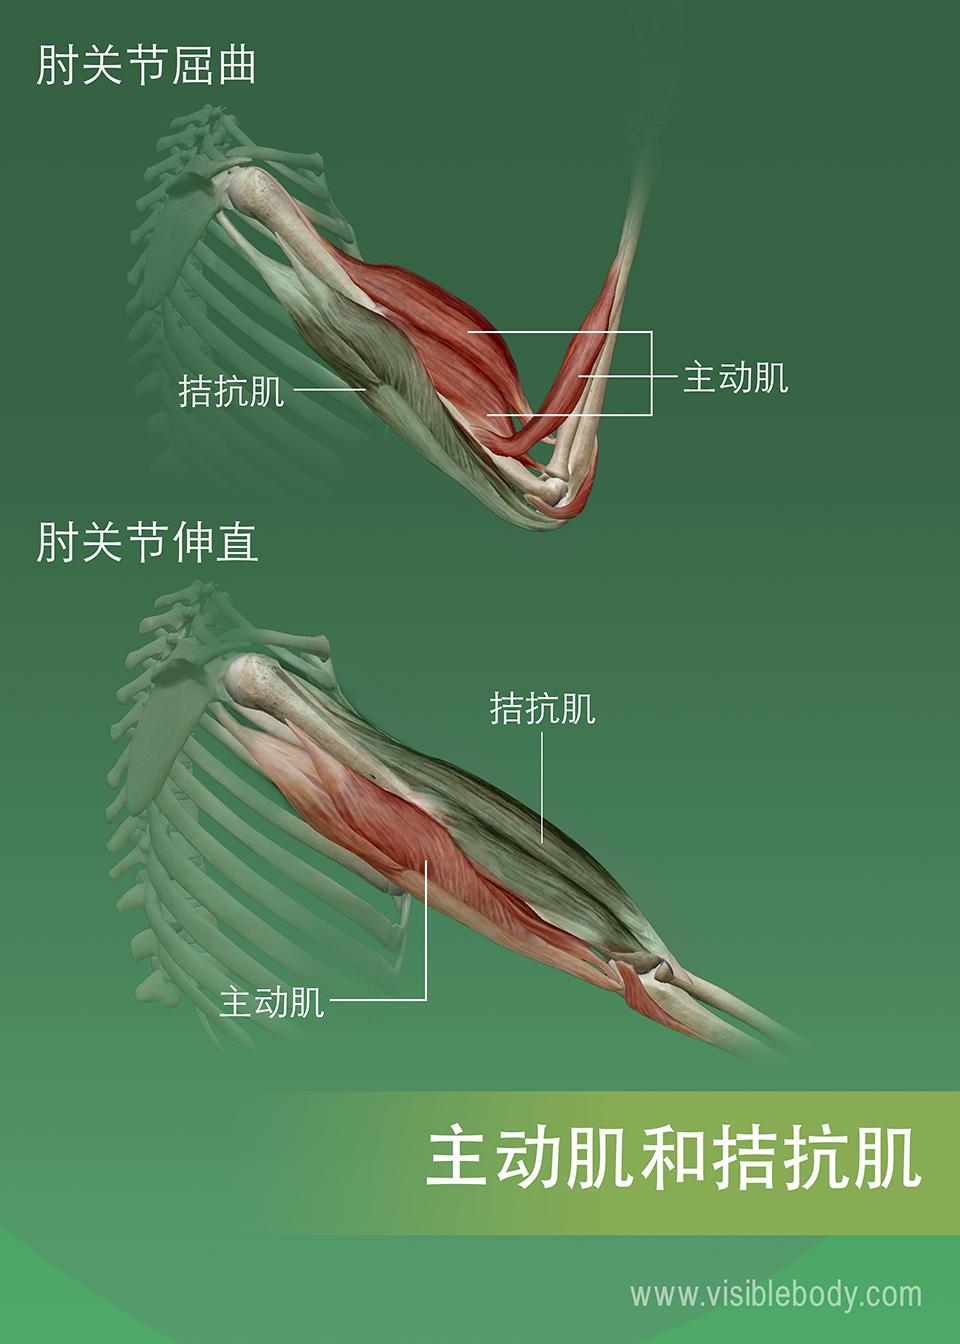 激动肌、拮抗肌和协同肌